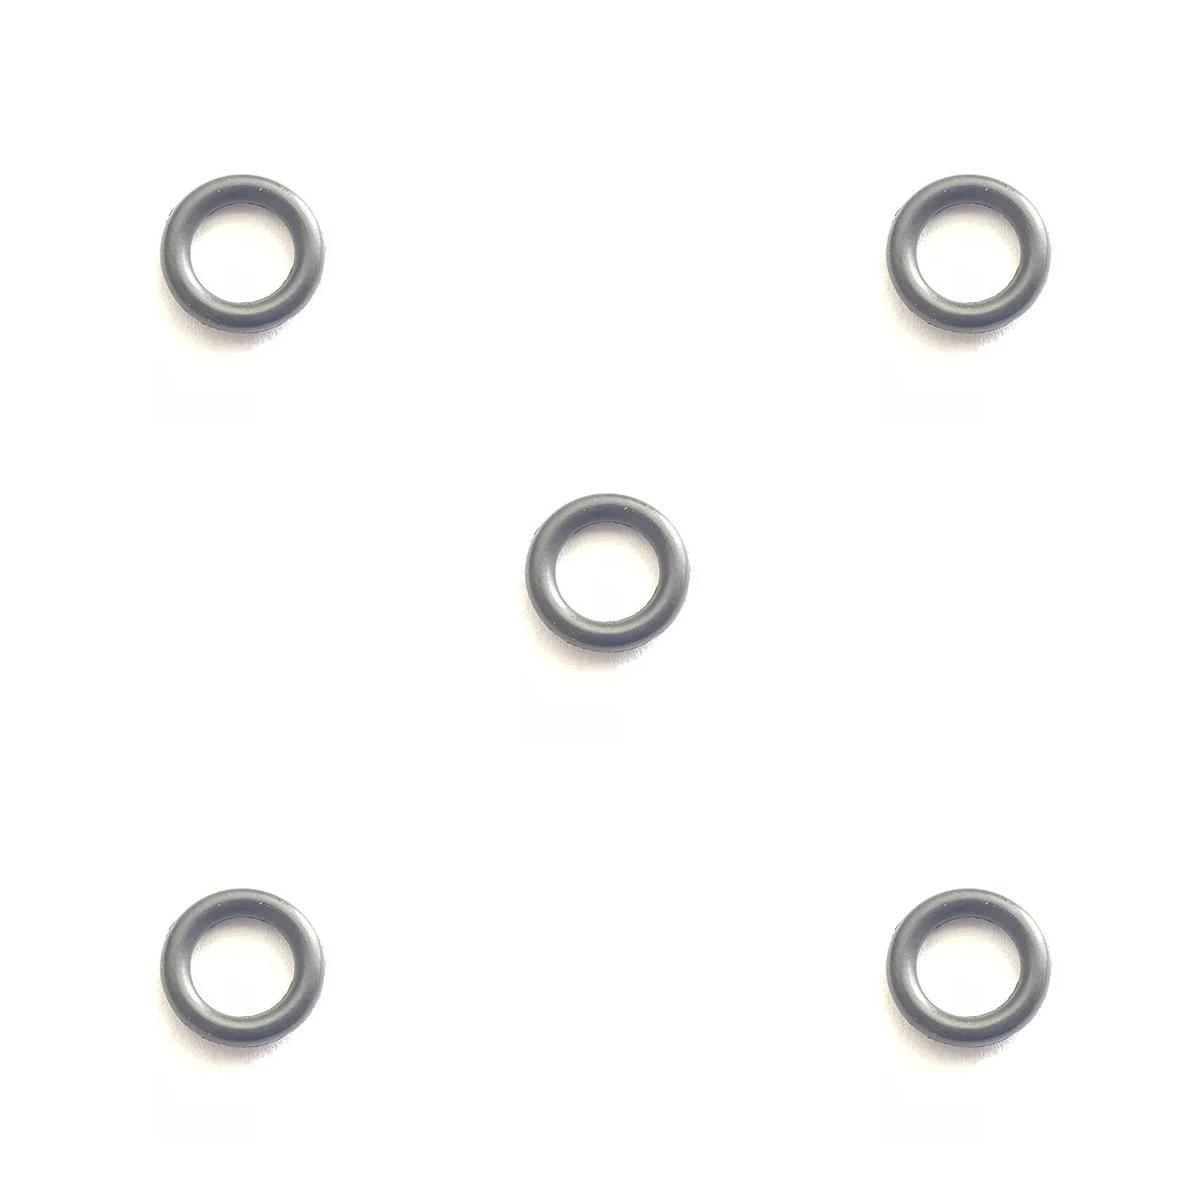 Kit com 5 Anéis De Vedação Preto Nitrílica Para Fogão/Cooktop -  004315570